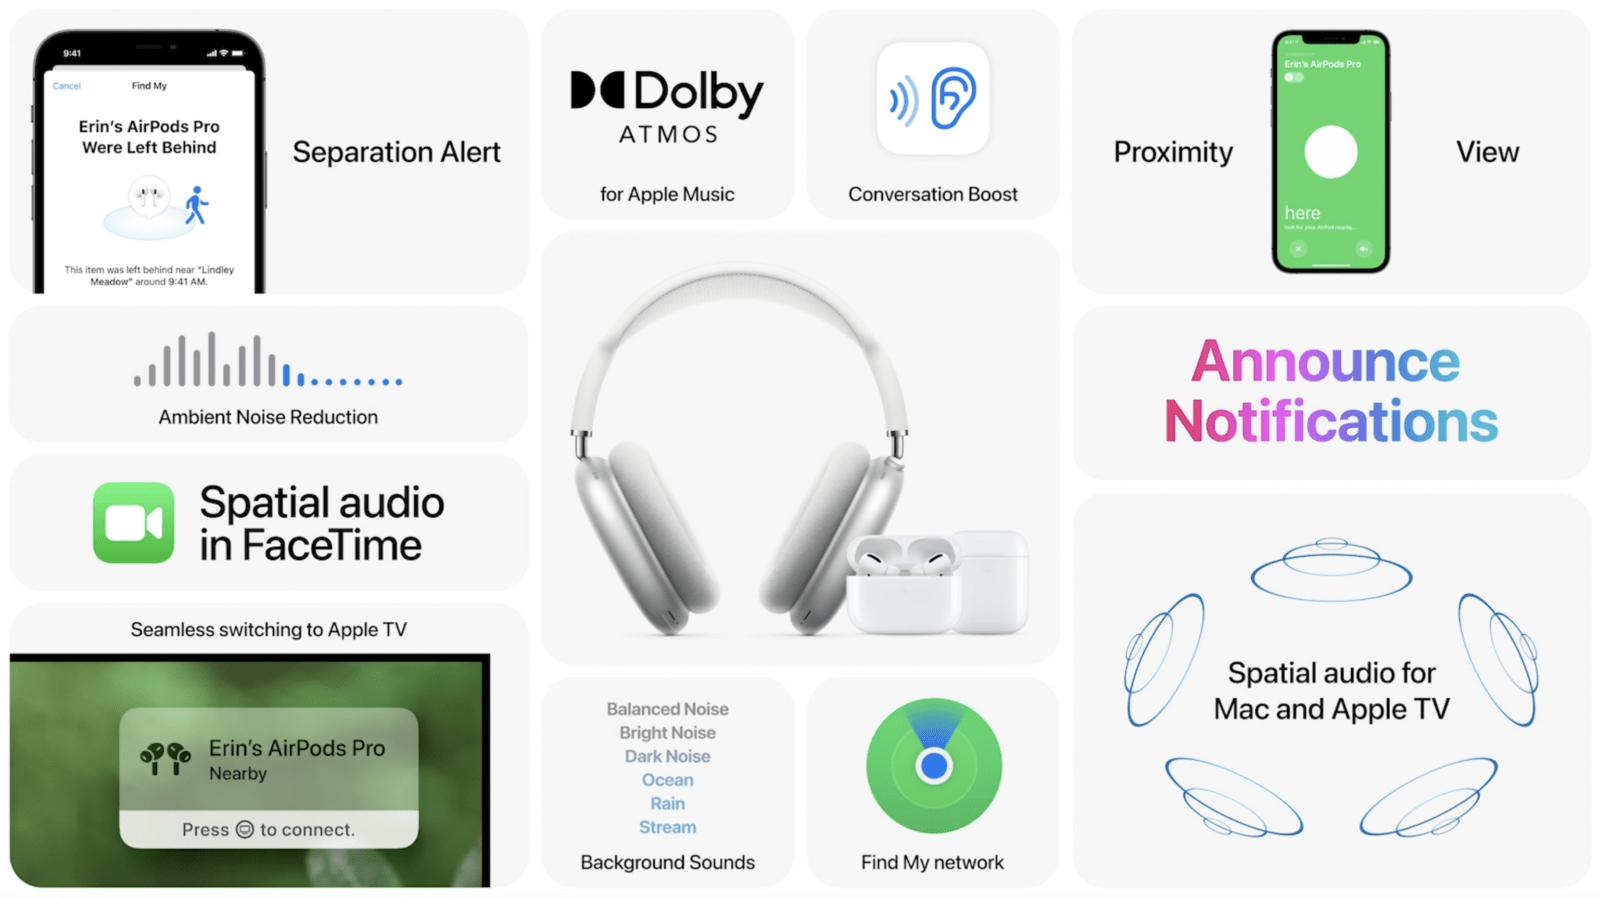 Что показали на WWDC 2021: полный обзор презентации iOS 15, iPadOS 15, watchOS 8 и macOS Monterey (20210607173813 293264 1 1)